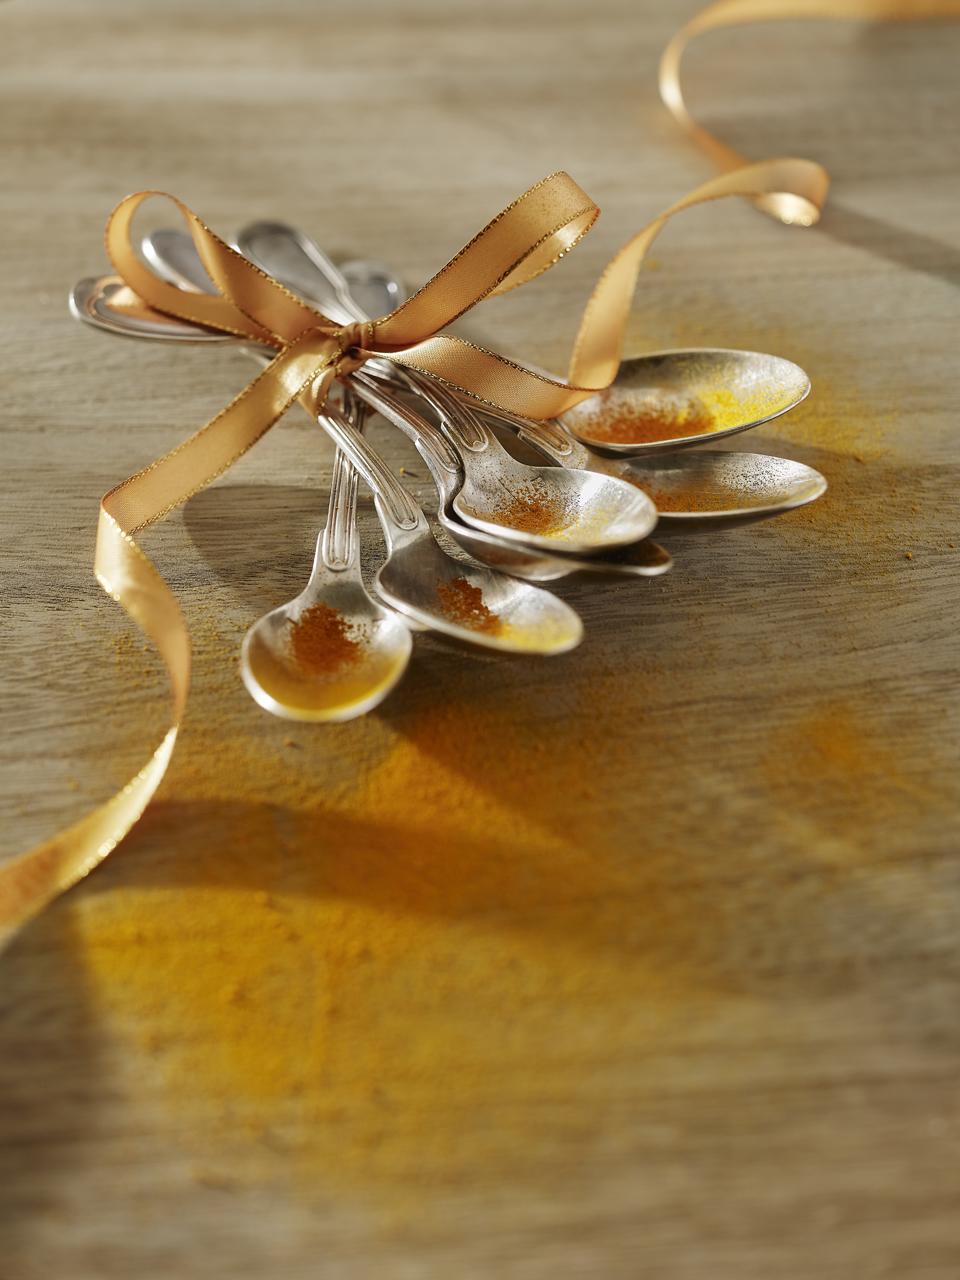 Cuillières attachées avec un ruban couleur or